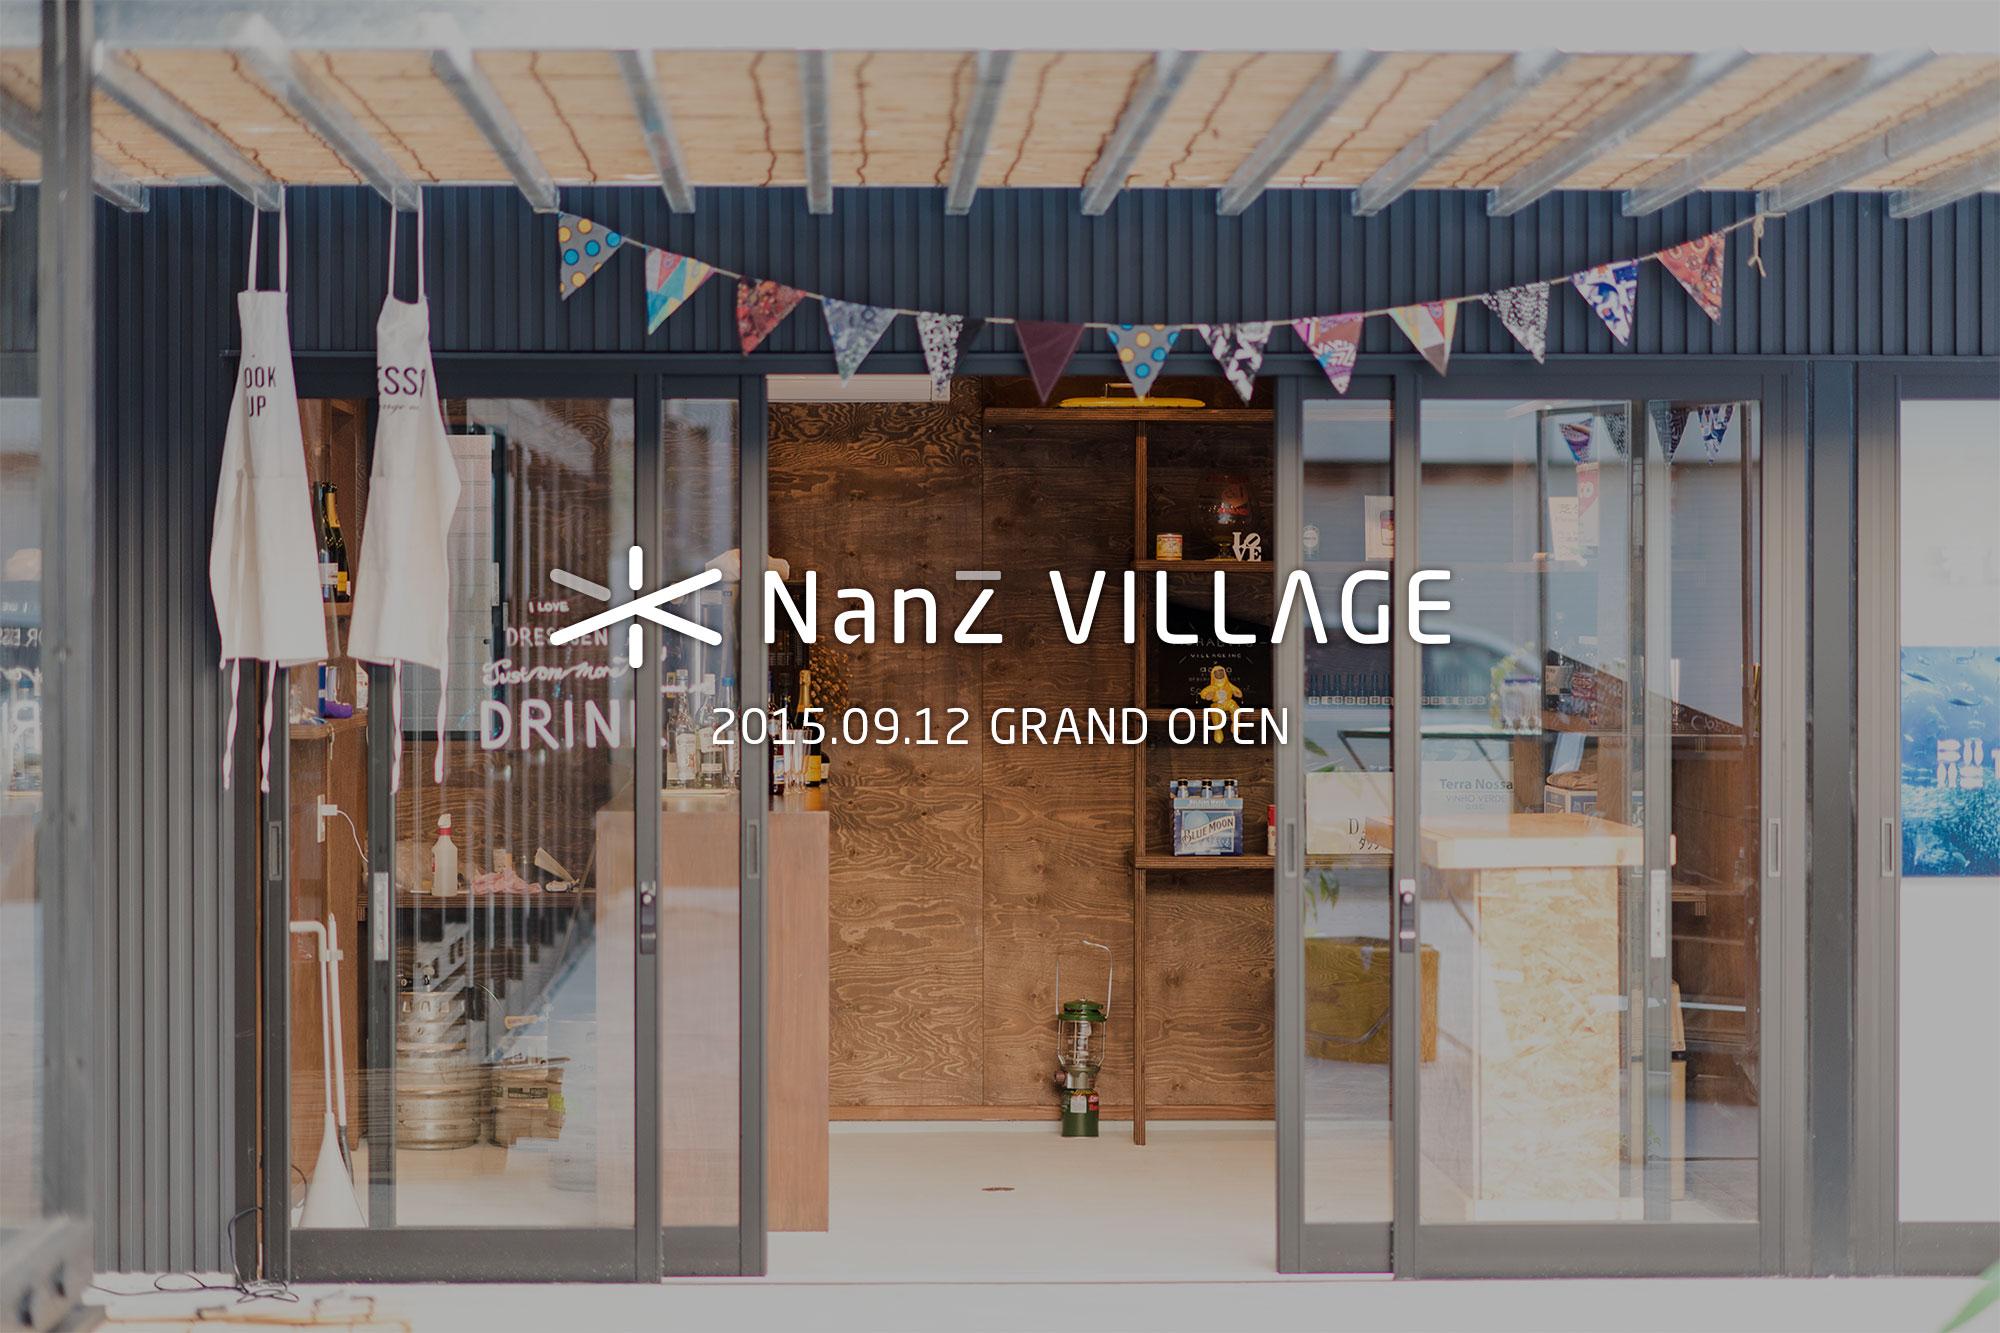 NanZ VILLAGE